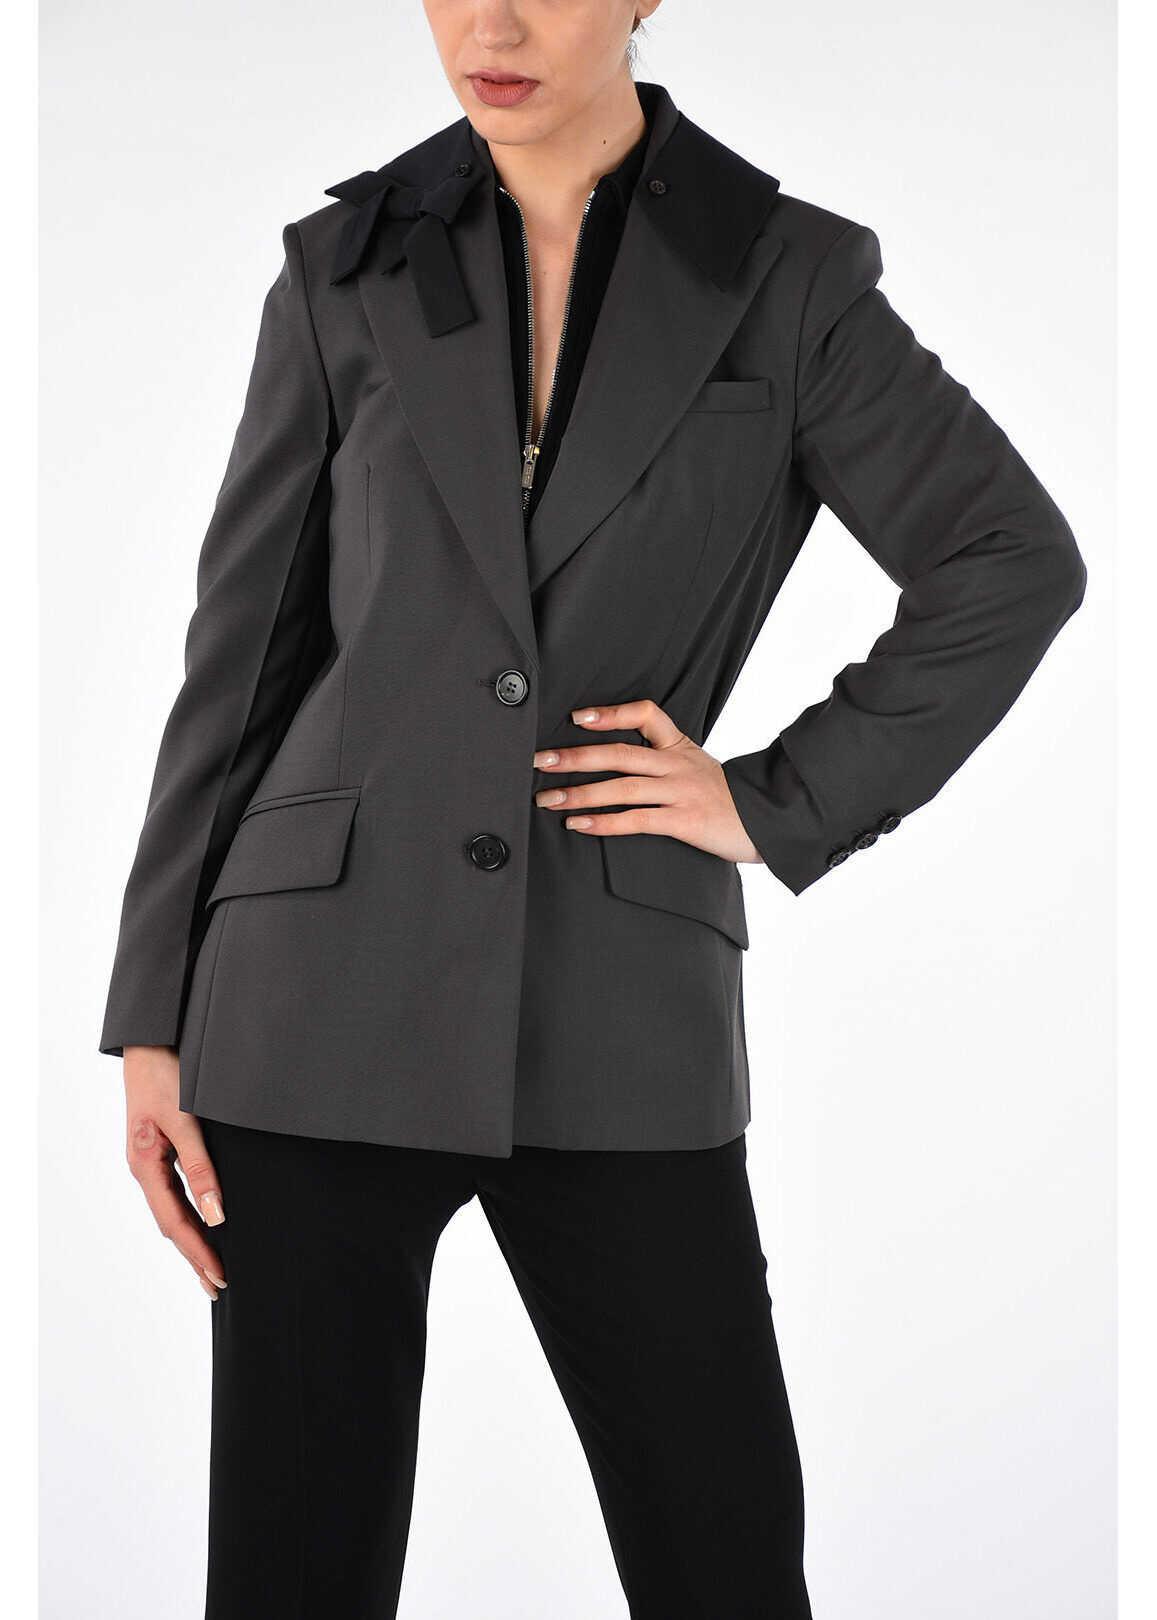 Miu Miu Wool Jacket DARK GRAY